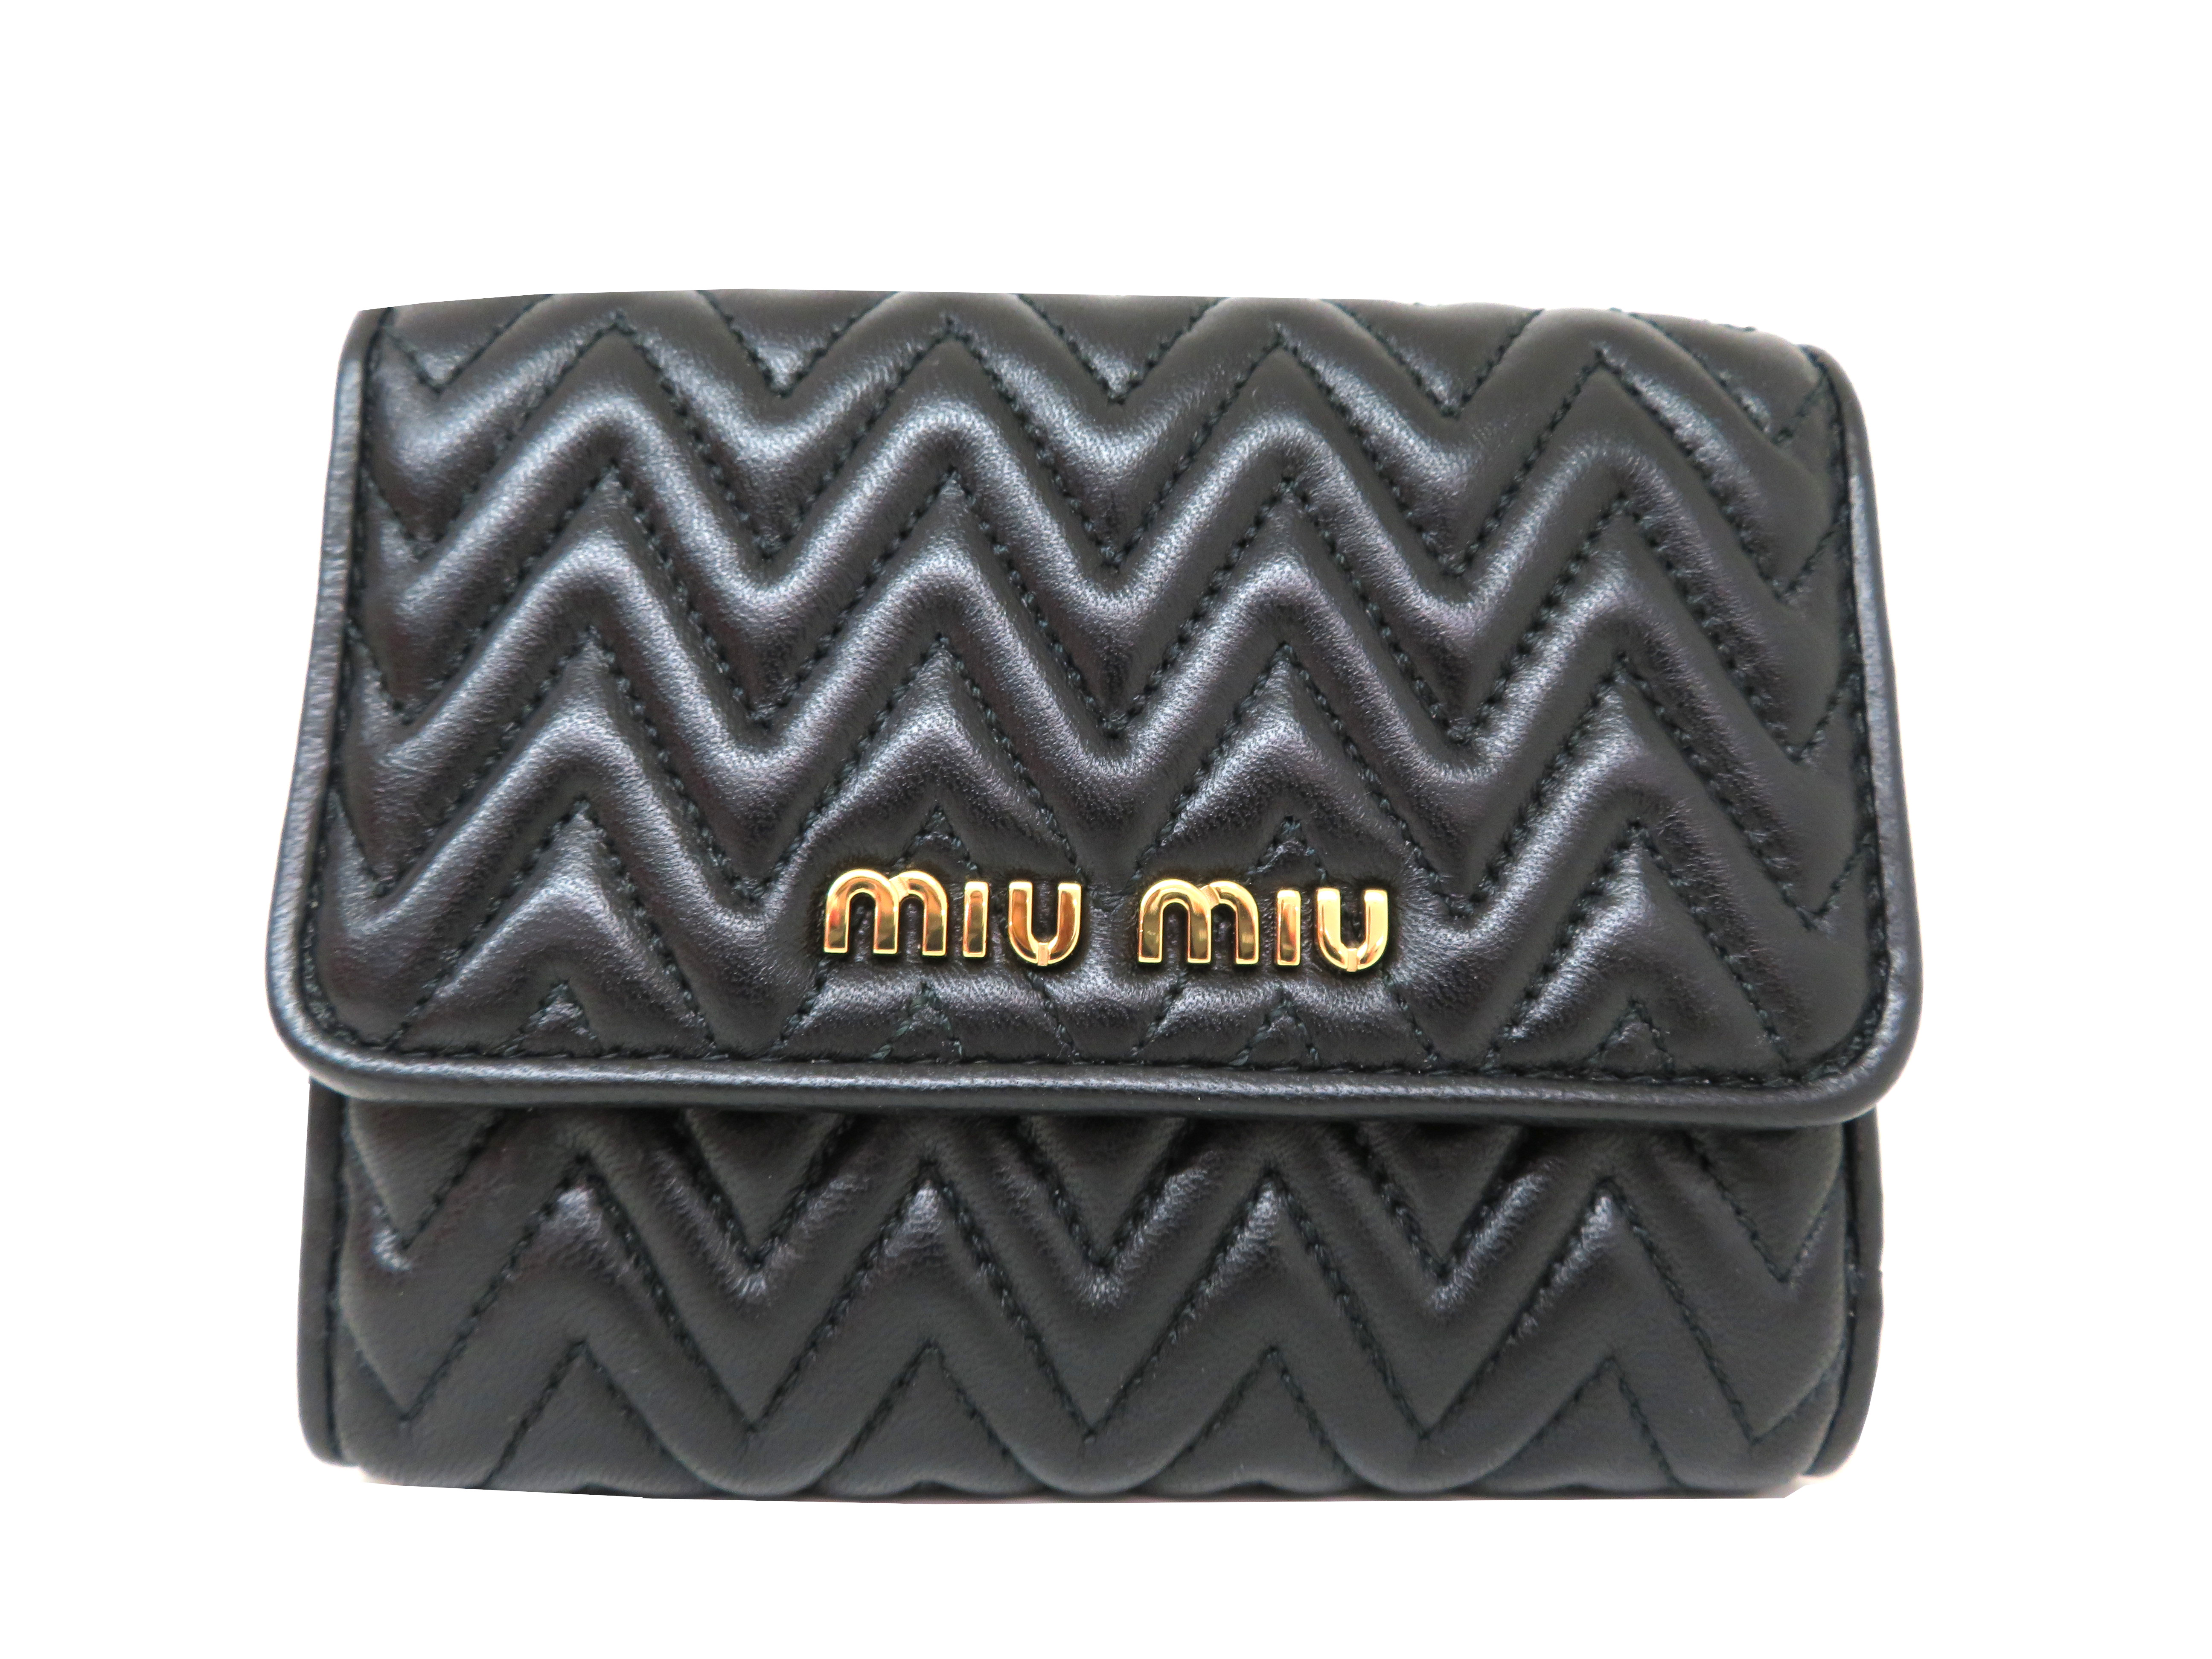 miumiu ミュウミュウ 財布 Wホックコンパクト財布 ブラック ラムスキン 5MH523 【204】